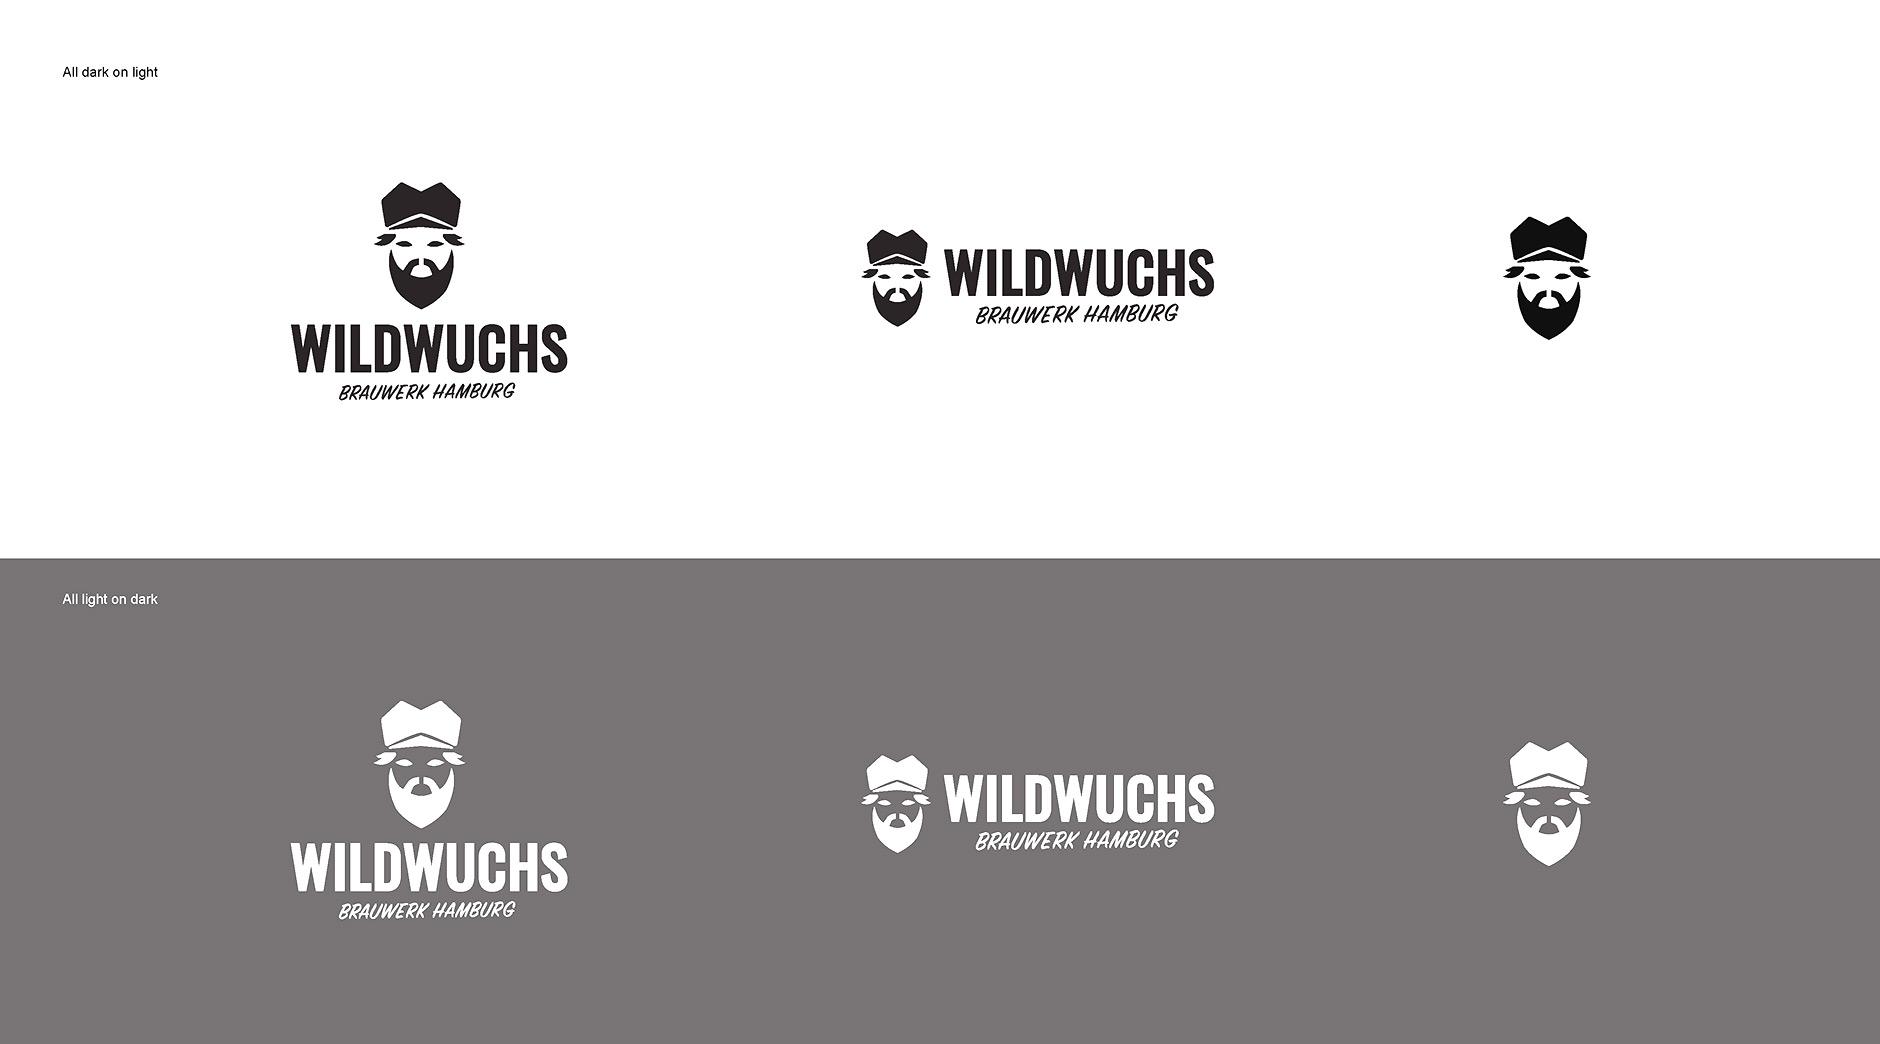 nfb_ww_logo_2